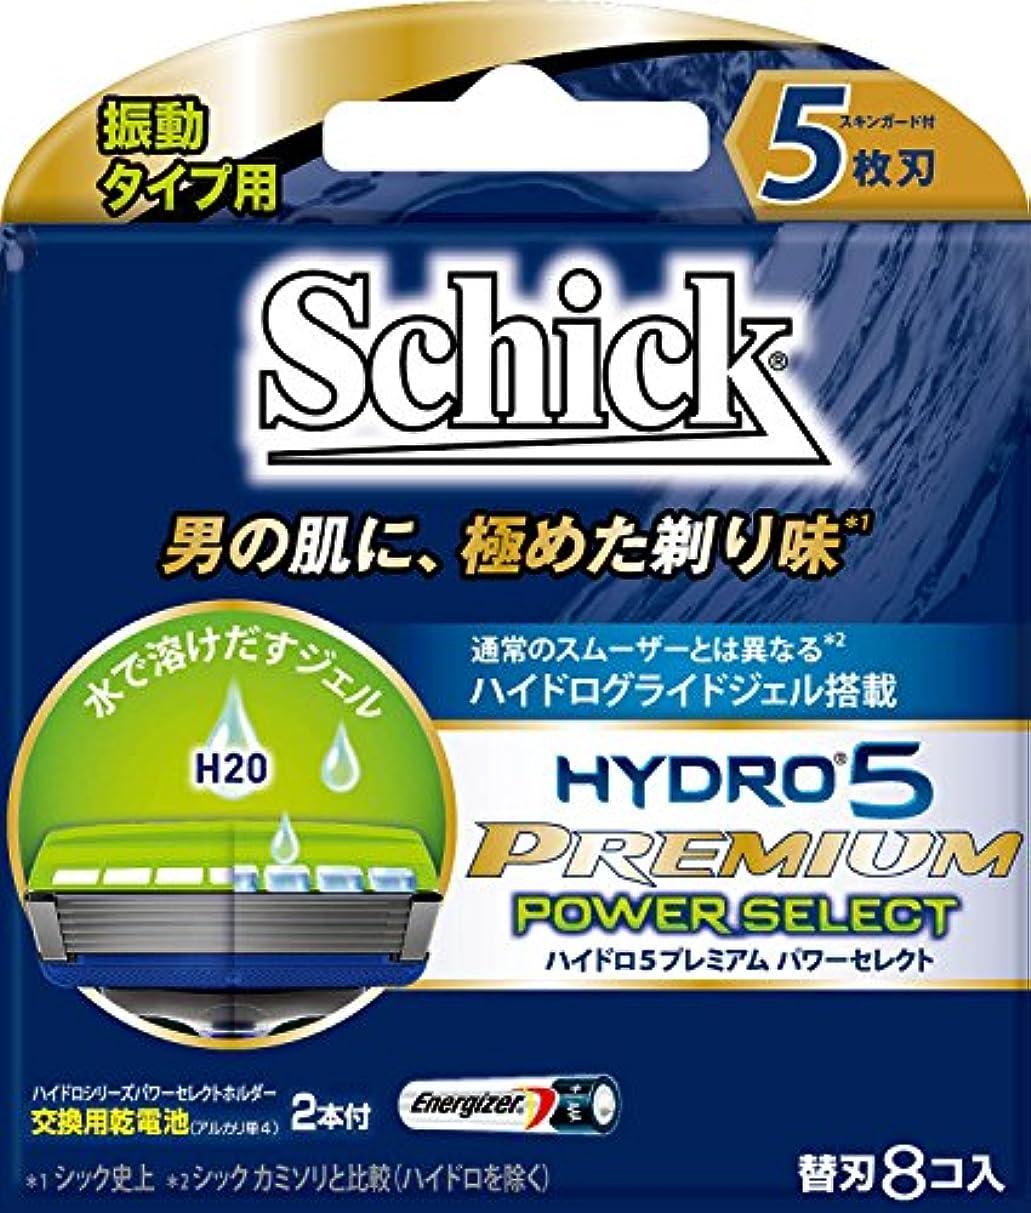 放射する放映恐ろしいですシック Schick 5枚刃 ハイドロ5 プレミアム 替刃 8コ入 アルカリAAA単4乾電池2本付 男性カミソリ